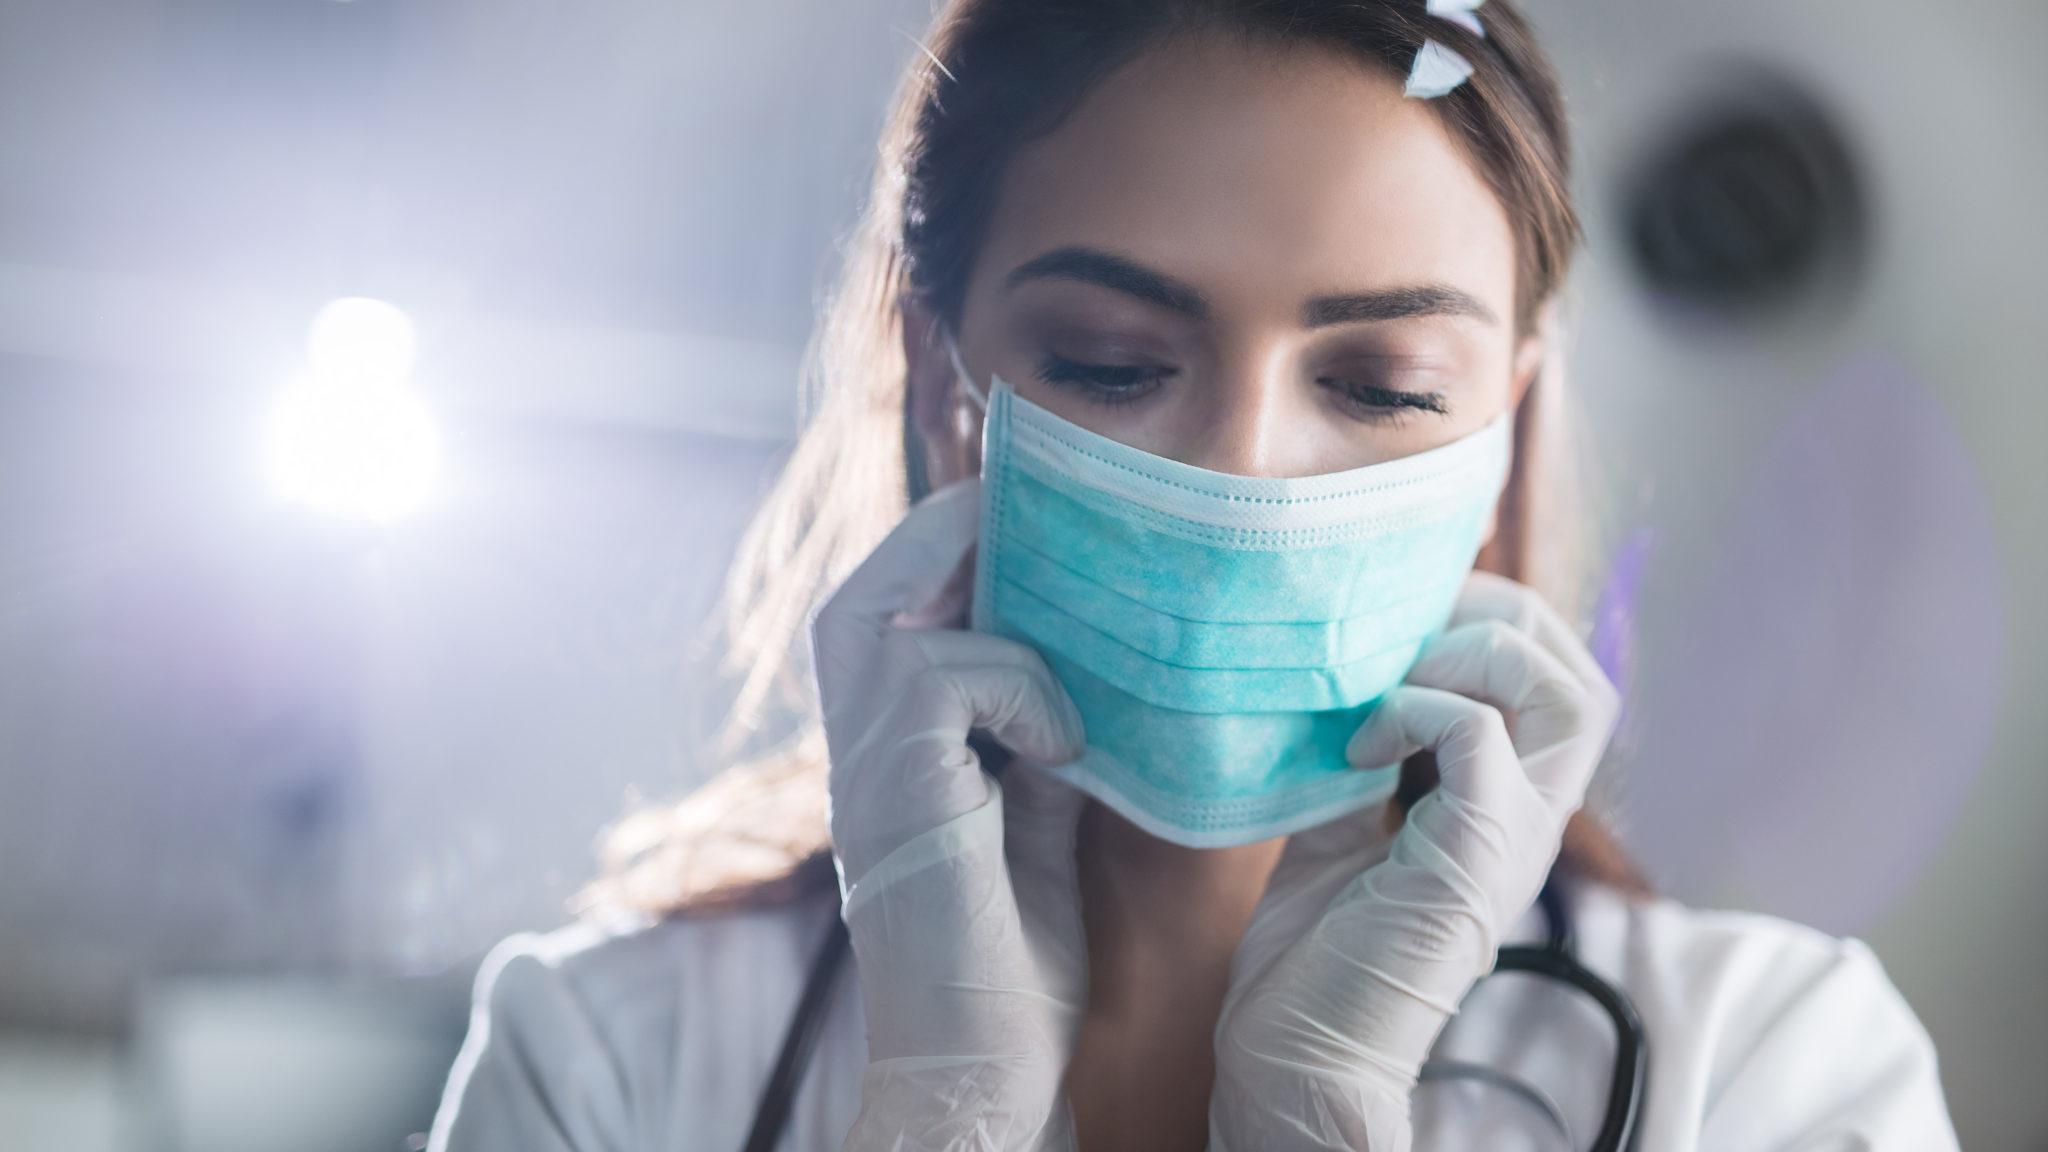 Overcoming The Unknown 5 Tips To Combat Coronavirus